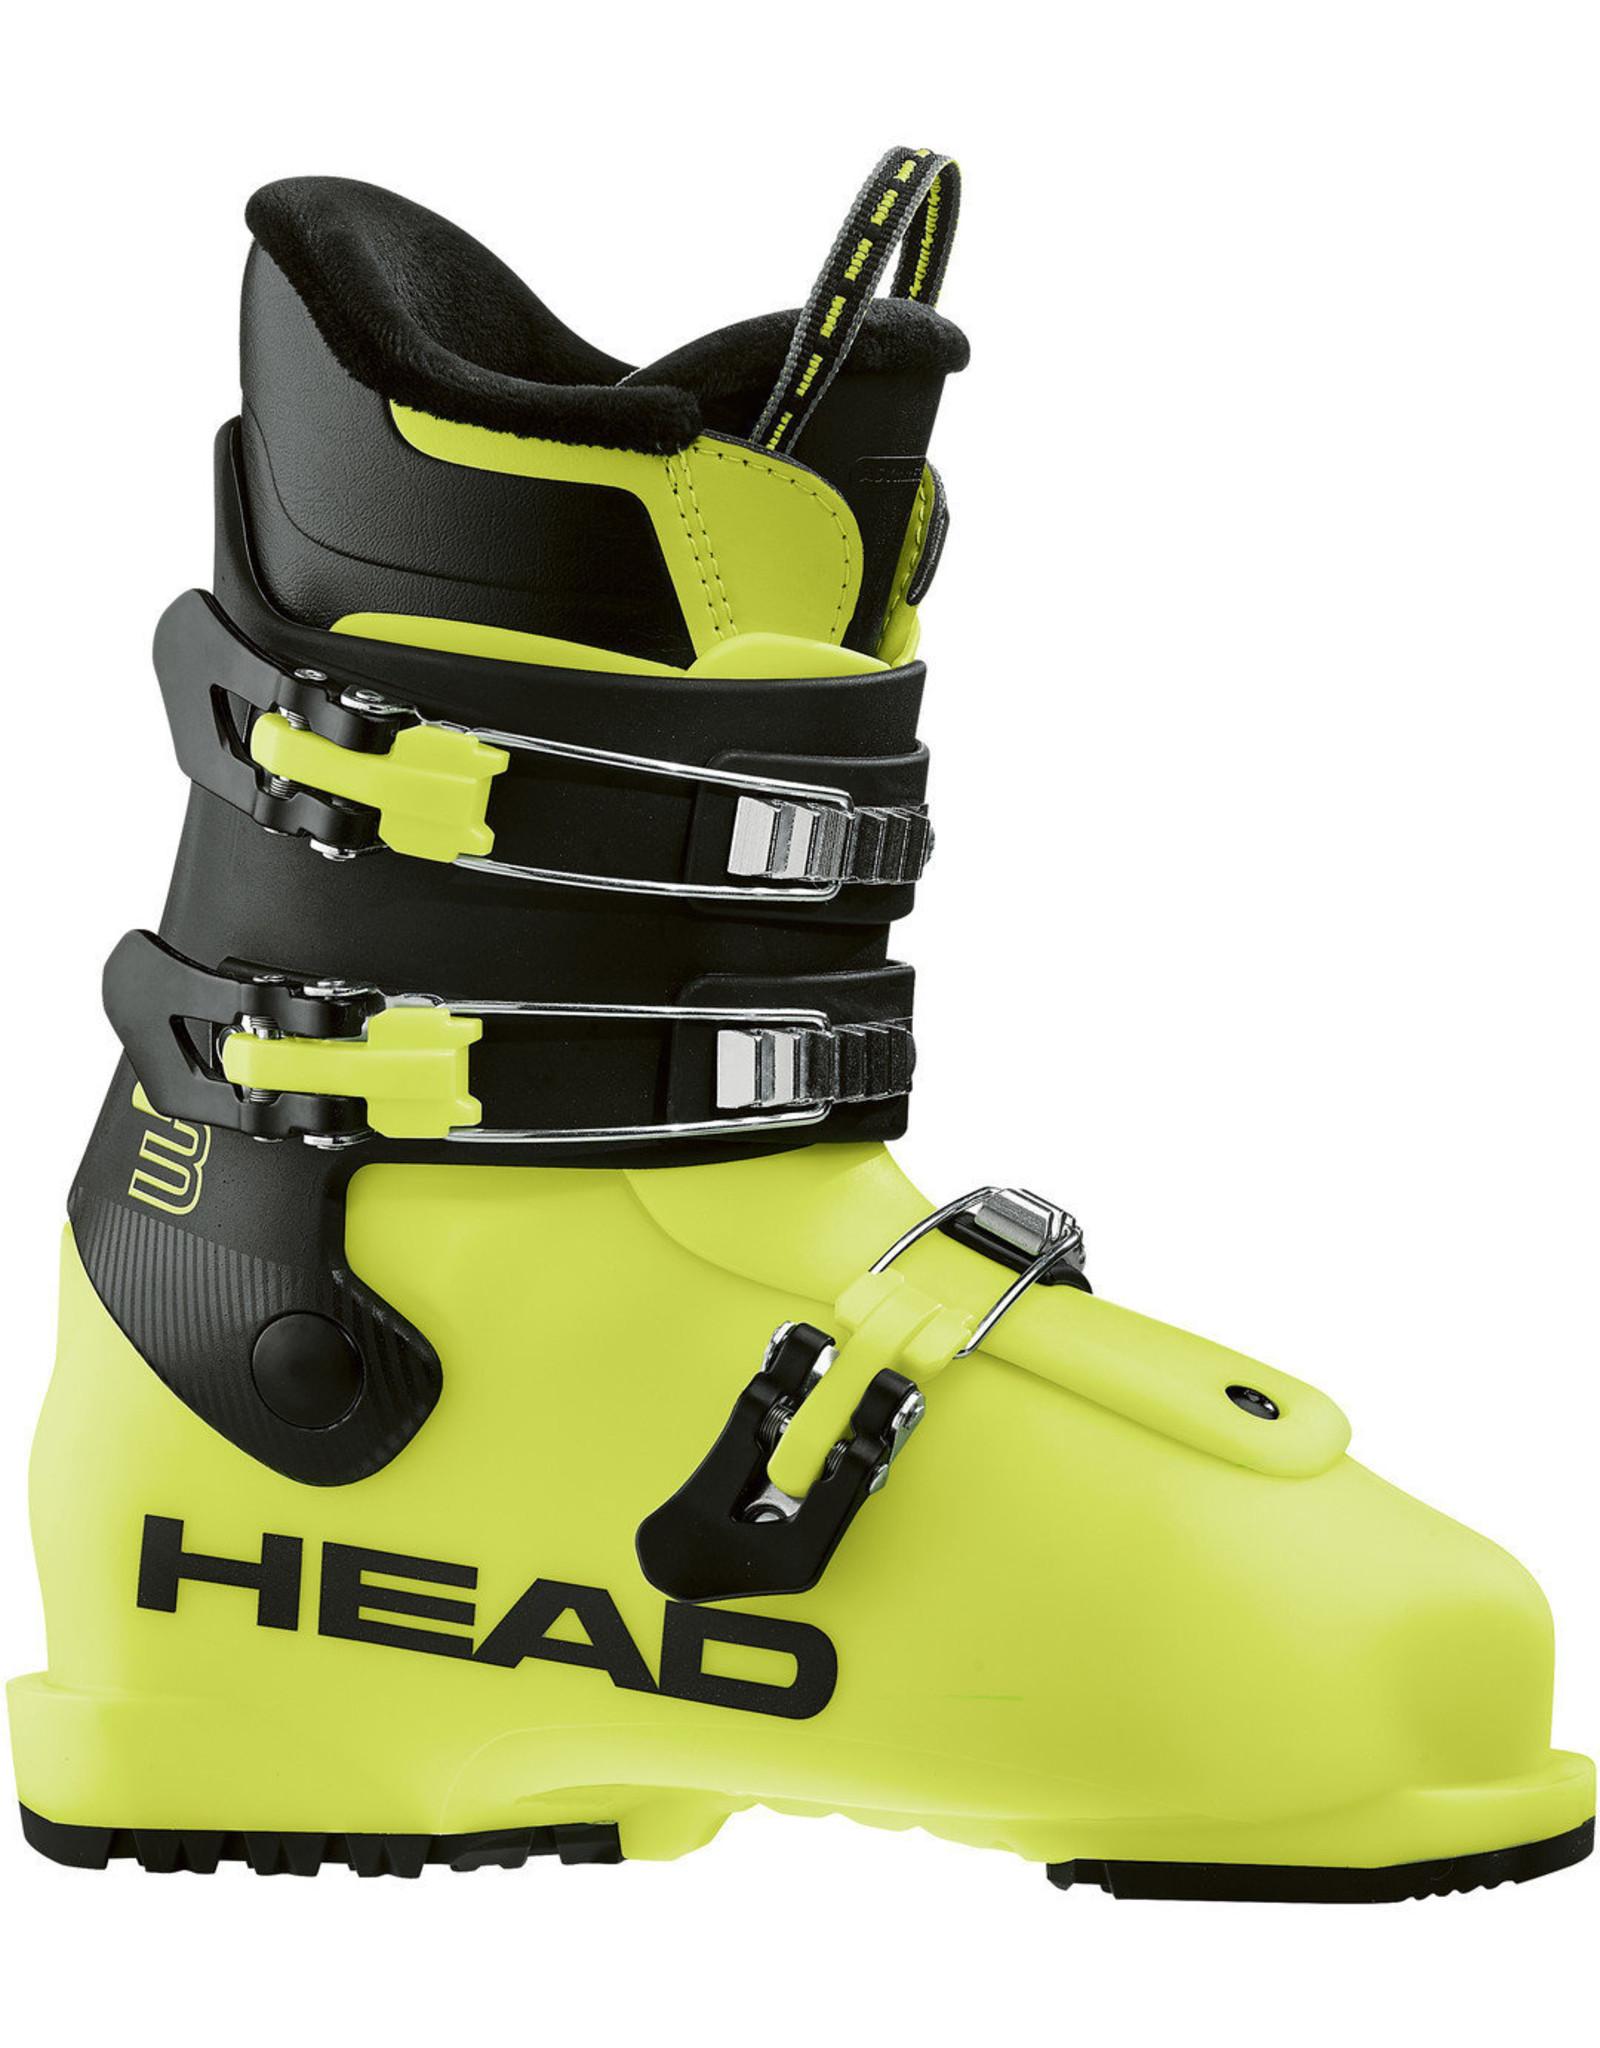 Head HEAD Z 3   YELLOW / BLACK F20